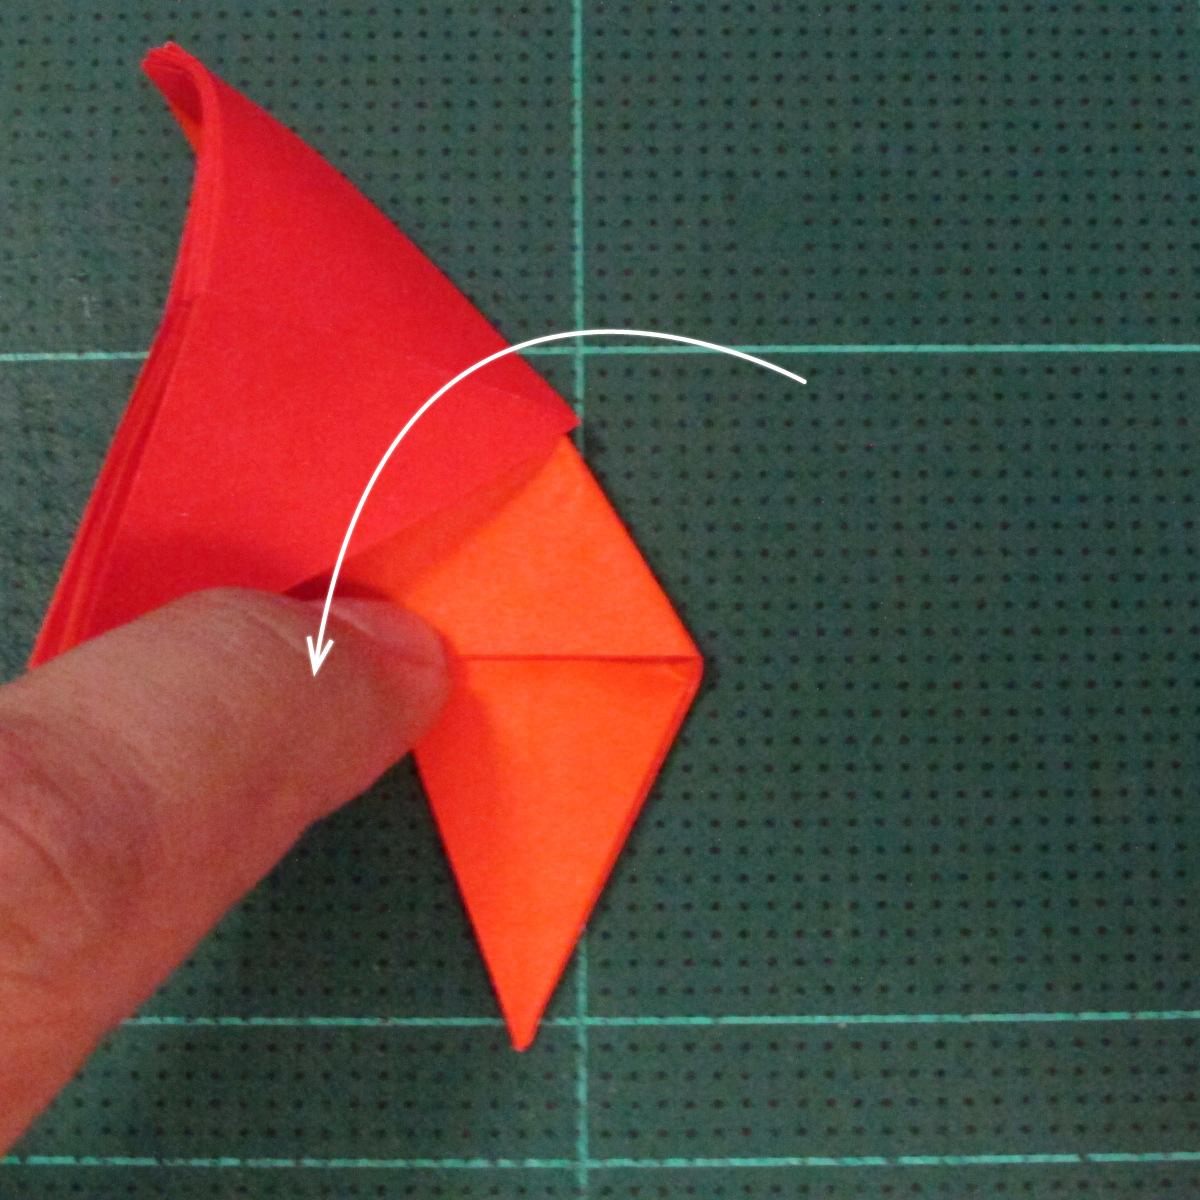 วิธีพับกระดาษเป็นช่อดอกไม้ติดอกเสื้อ (Origami Wedding Chest Flower) 014